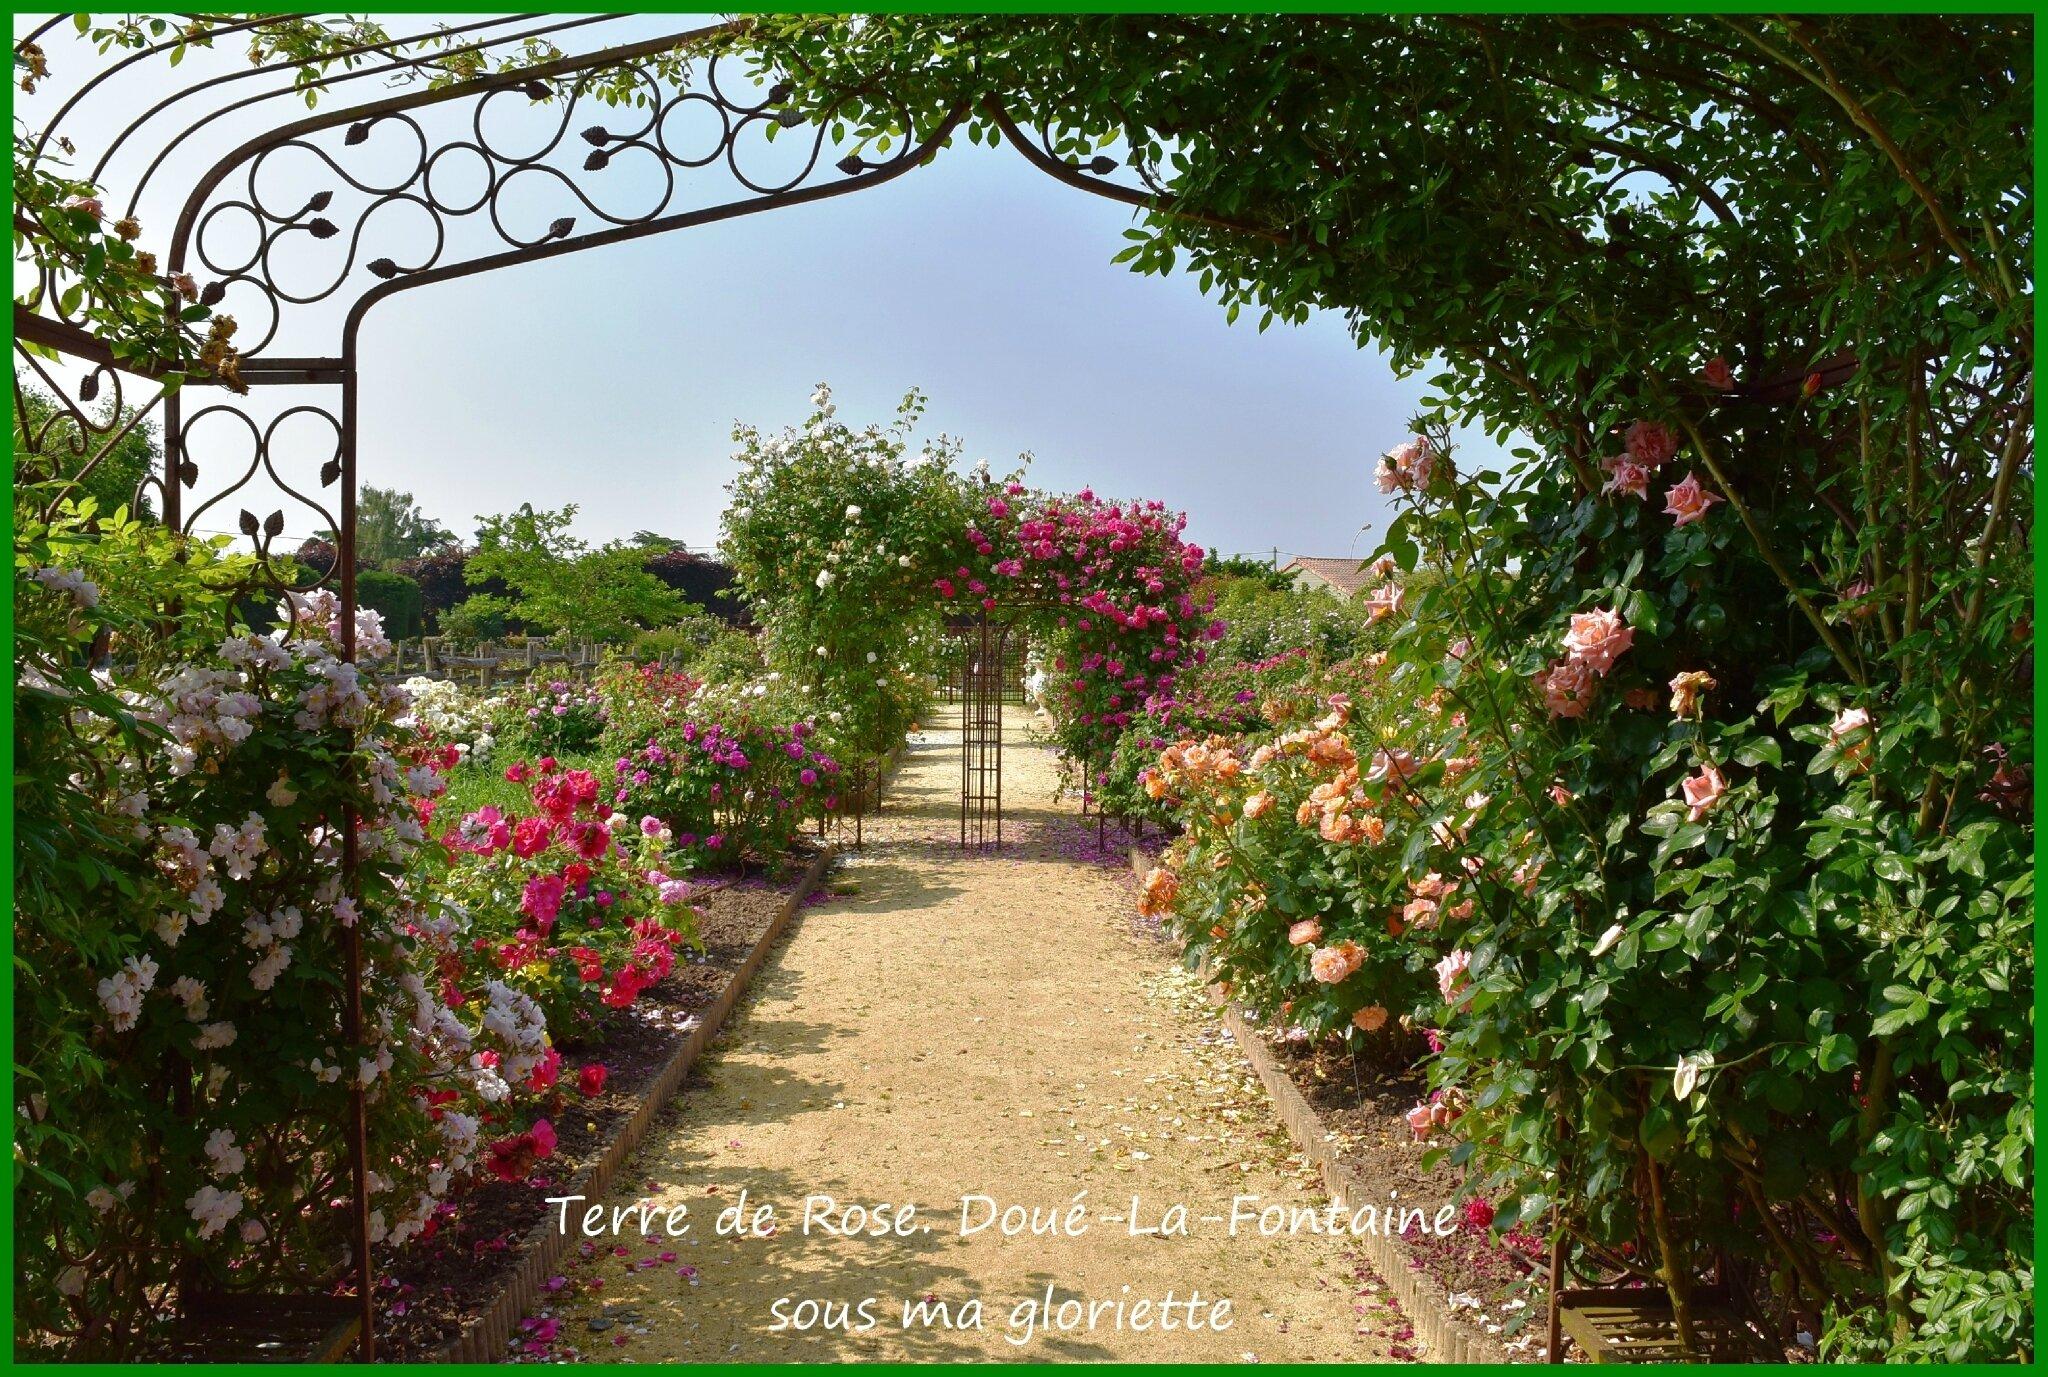 Terre de rose dou la fontaine 49700 sous ma gloriette - Jardin de la rose doue la fontaine ...